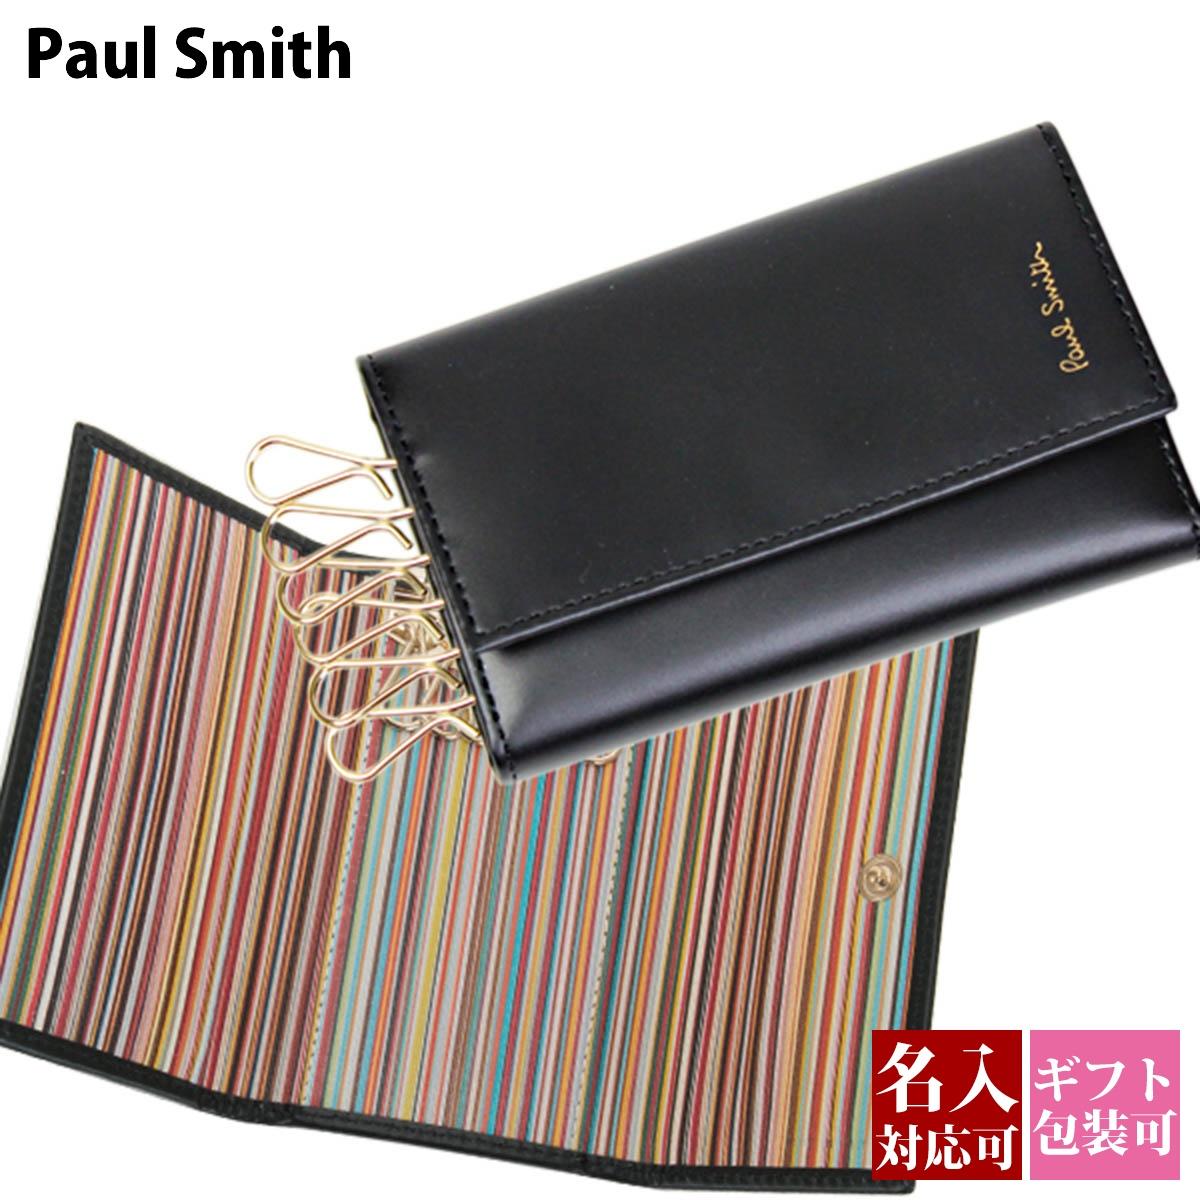 【後払い OK】名入れ ポールスミス Paul Smith キーケース スマートキー メンズ 6連キーケース ブラック マルチストライプ 黒 レザー 革 M1A 1981 AMULTI 79 正規品 セール あす楽ブランド 新品 新作 2019年 ギフト